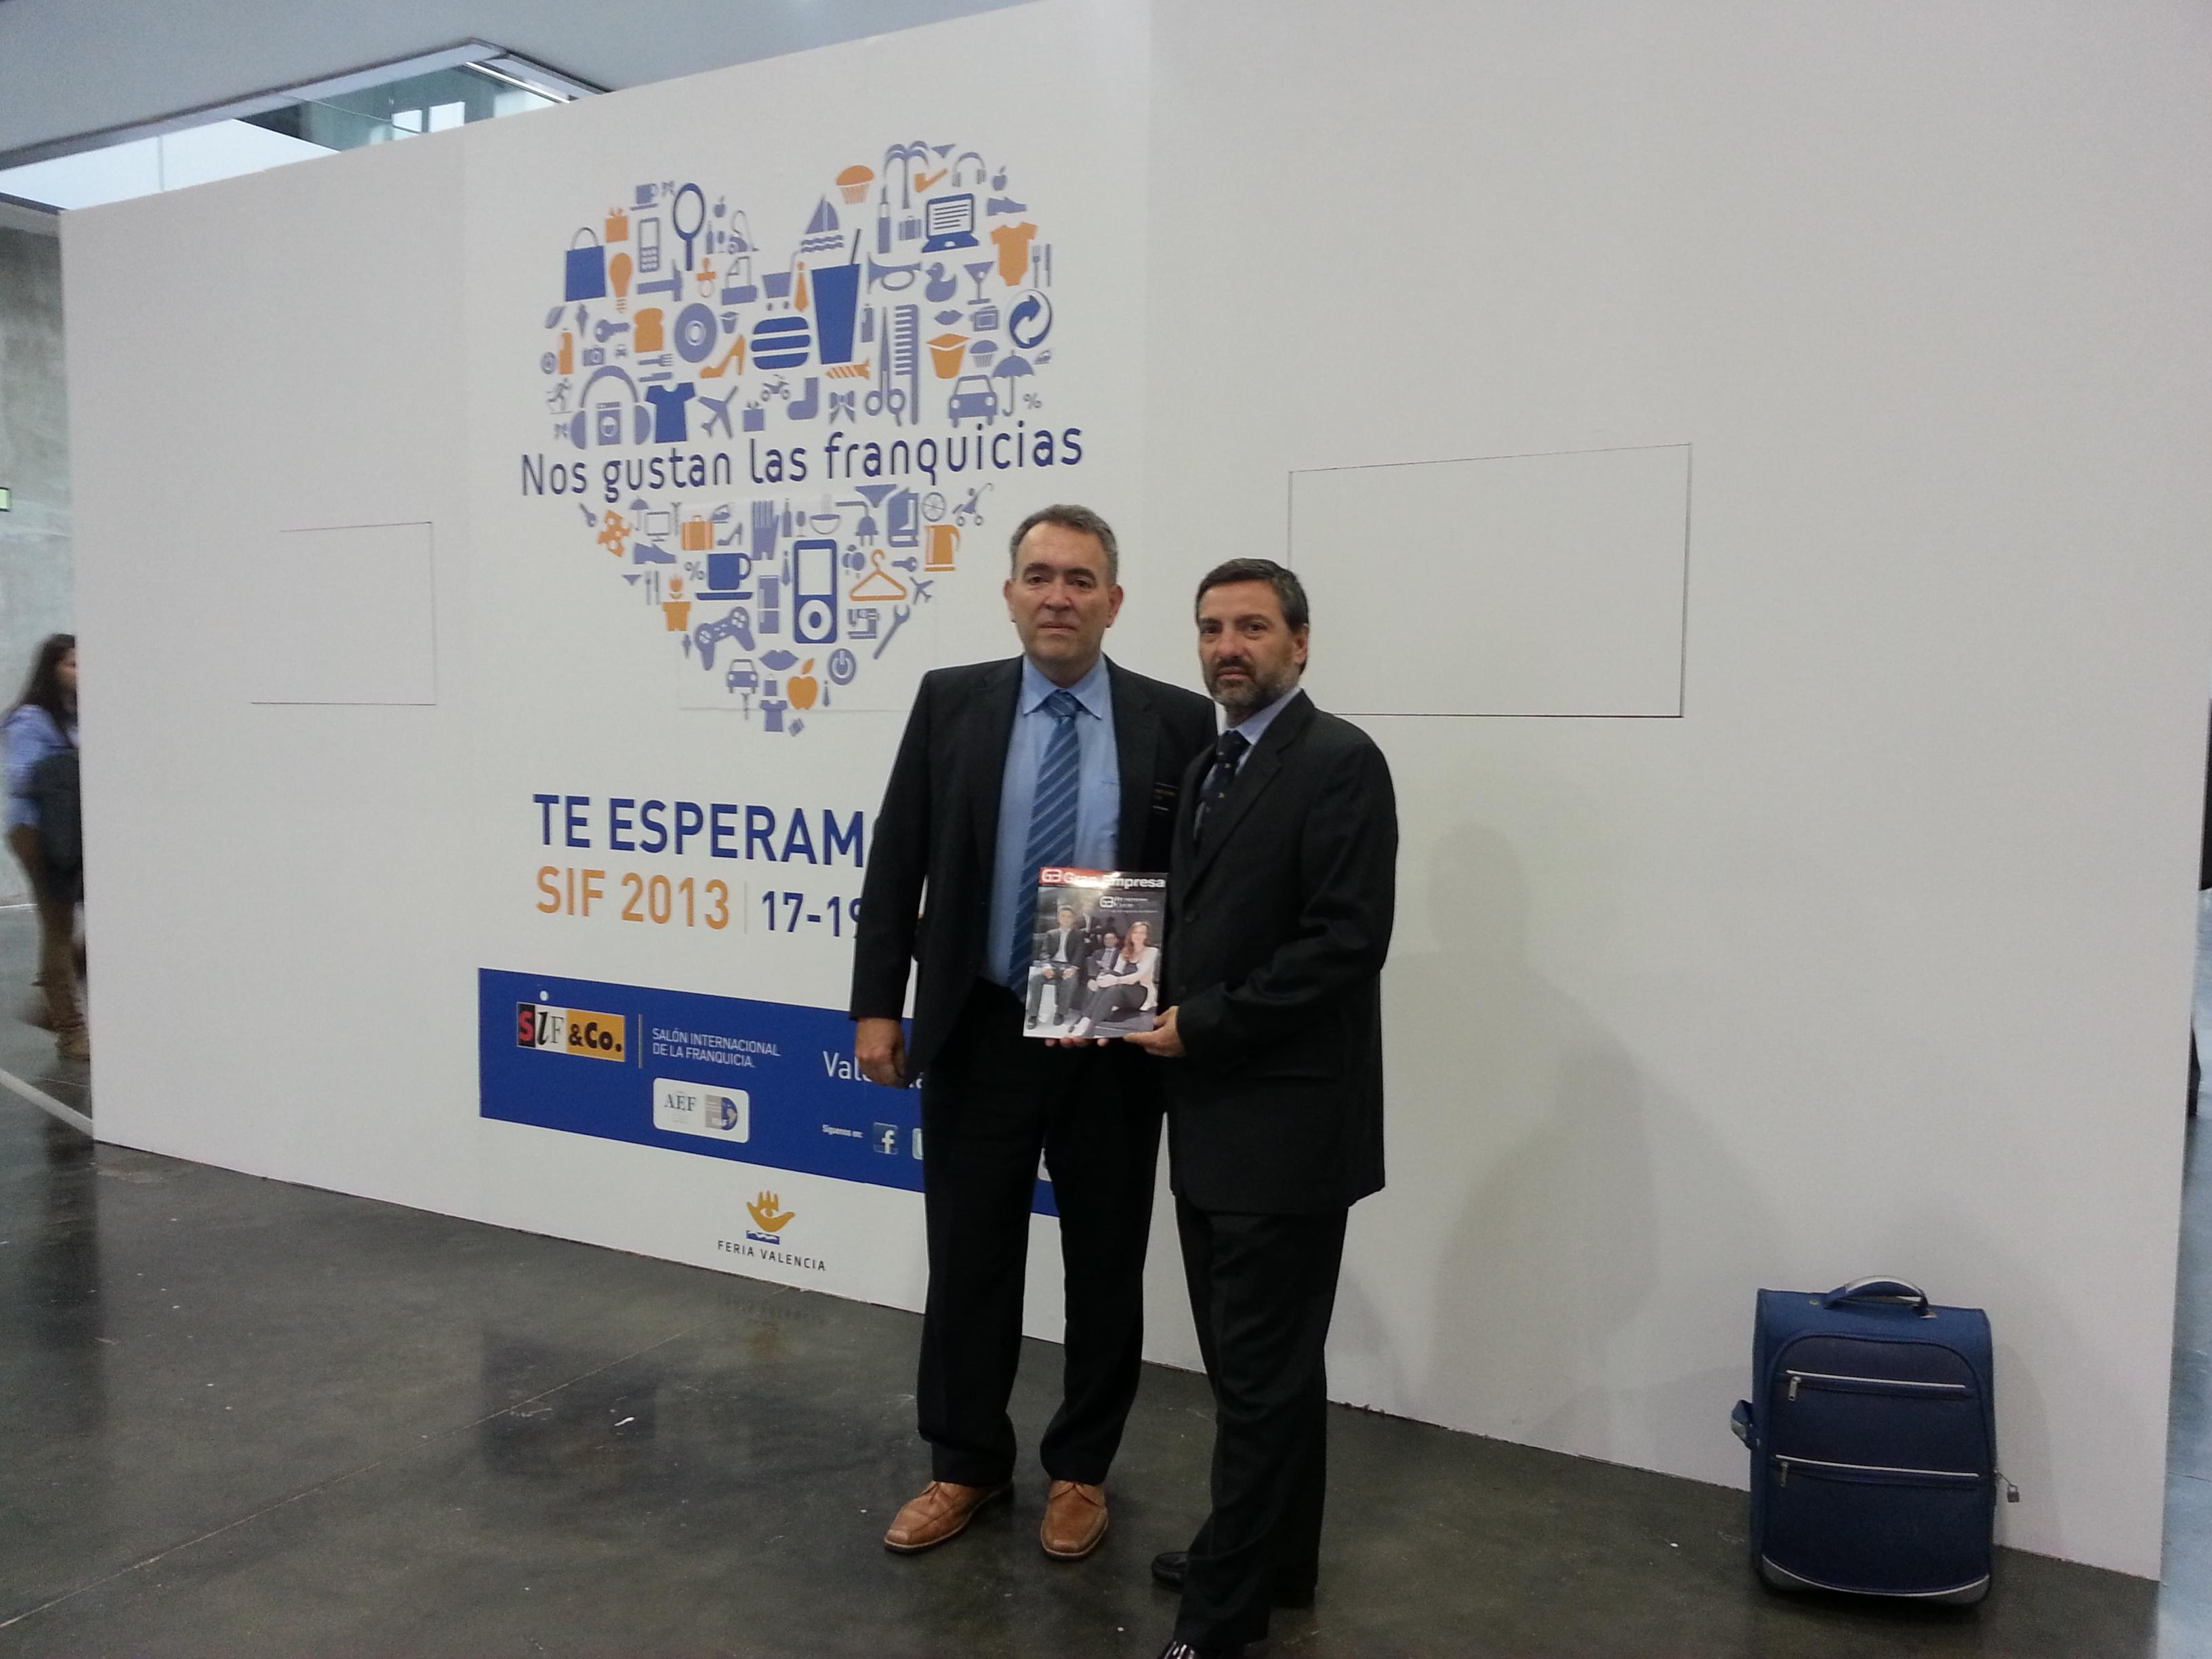 Javier Marin- Director Expansion ADK y Juan Antonio Tormo - Director de AFBAL